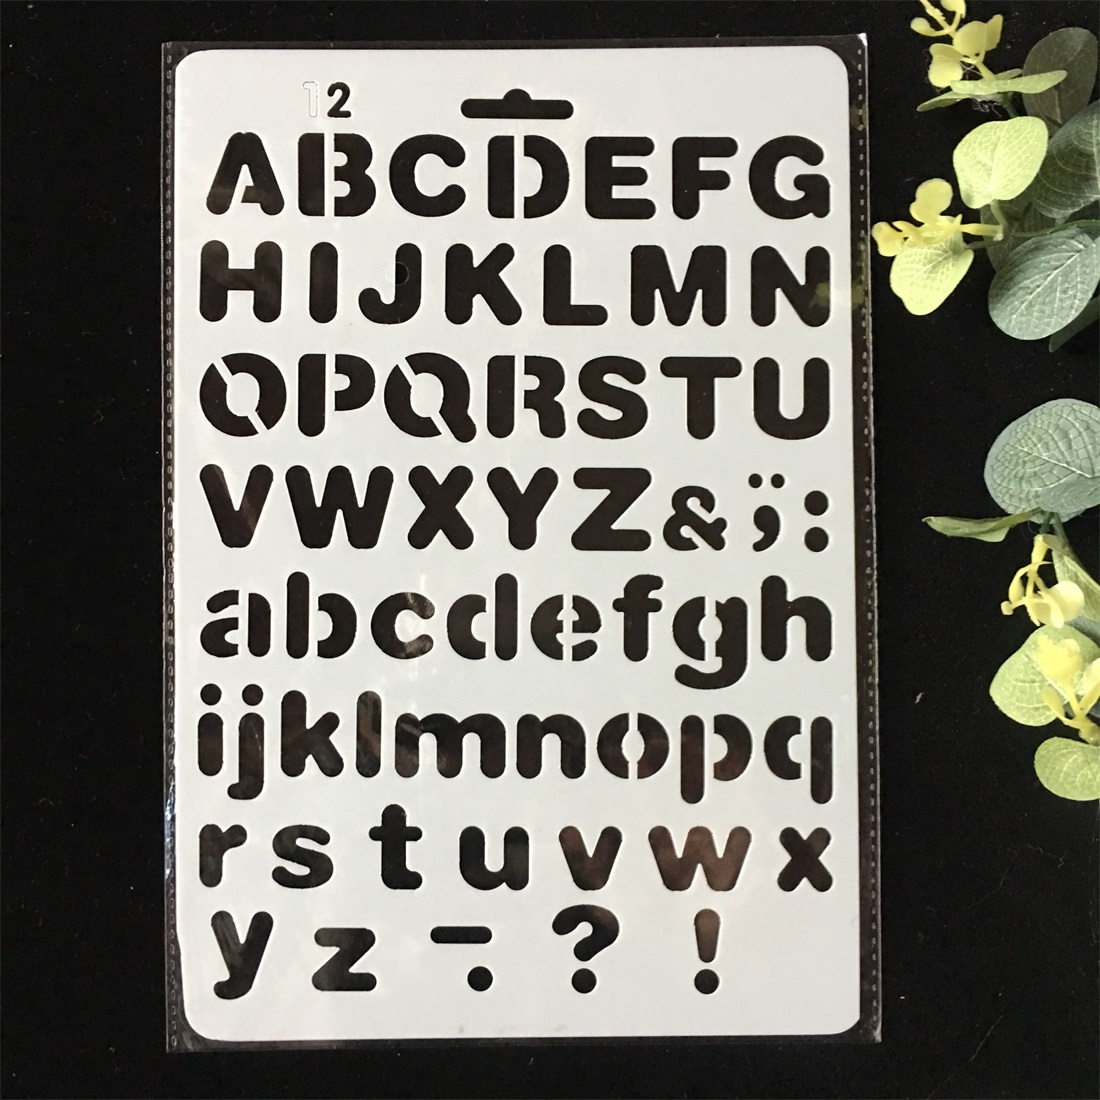 11 Pollici Lettere Di Alfabeto 2 Fai Da Te Stratificazione Stencil Pittura Scrapbooking Stamping Goffratura Album Di Carta Modello Di Scheda Grande Liquidazione